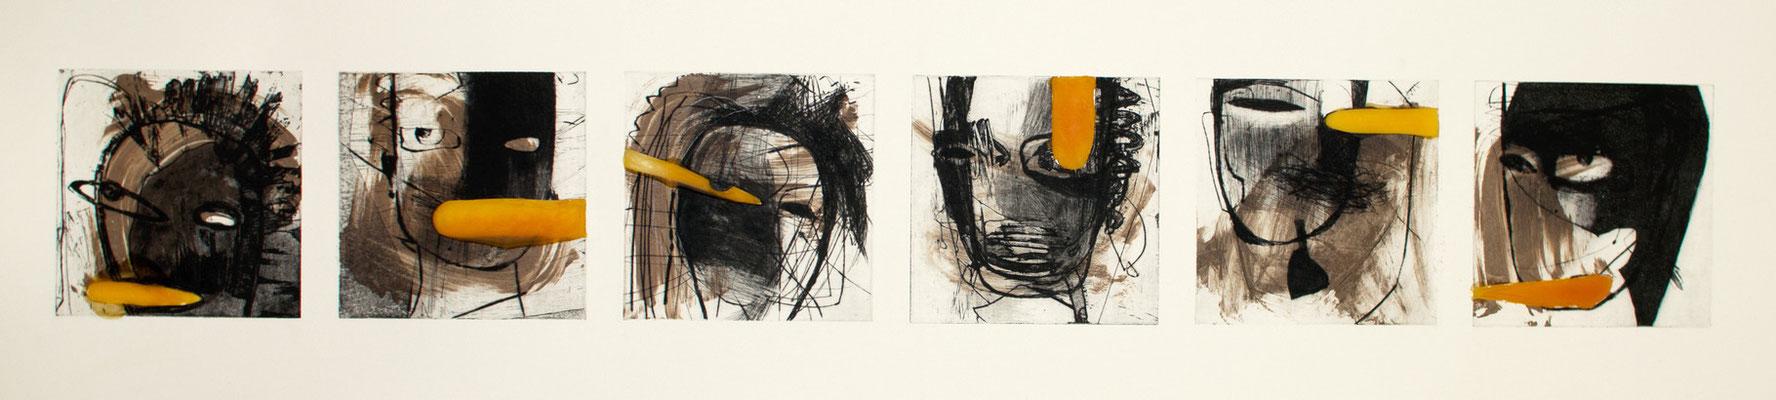 tOG No.17 - Tina Wohlfarth - Kopfzeile V,  1 / 2 - Aquatinta / Kaltnadel / Reservage / Bitumen / Wachs auf Kupferdruckbütten, 134 x 20 cm - 55,5 x 172,5 cm Objektrahmen, 2013